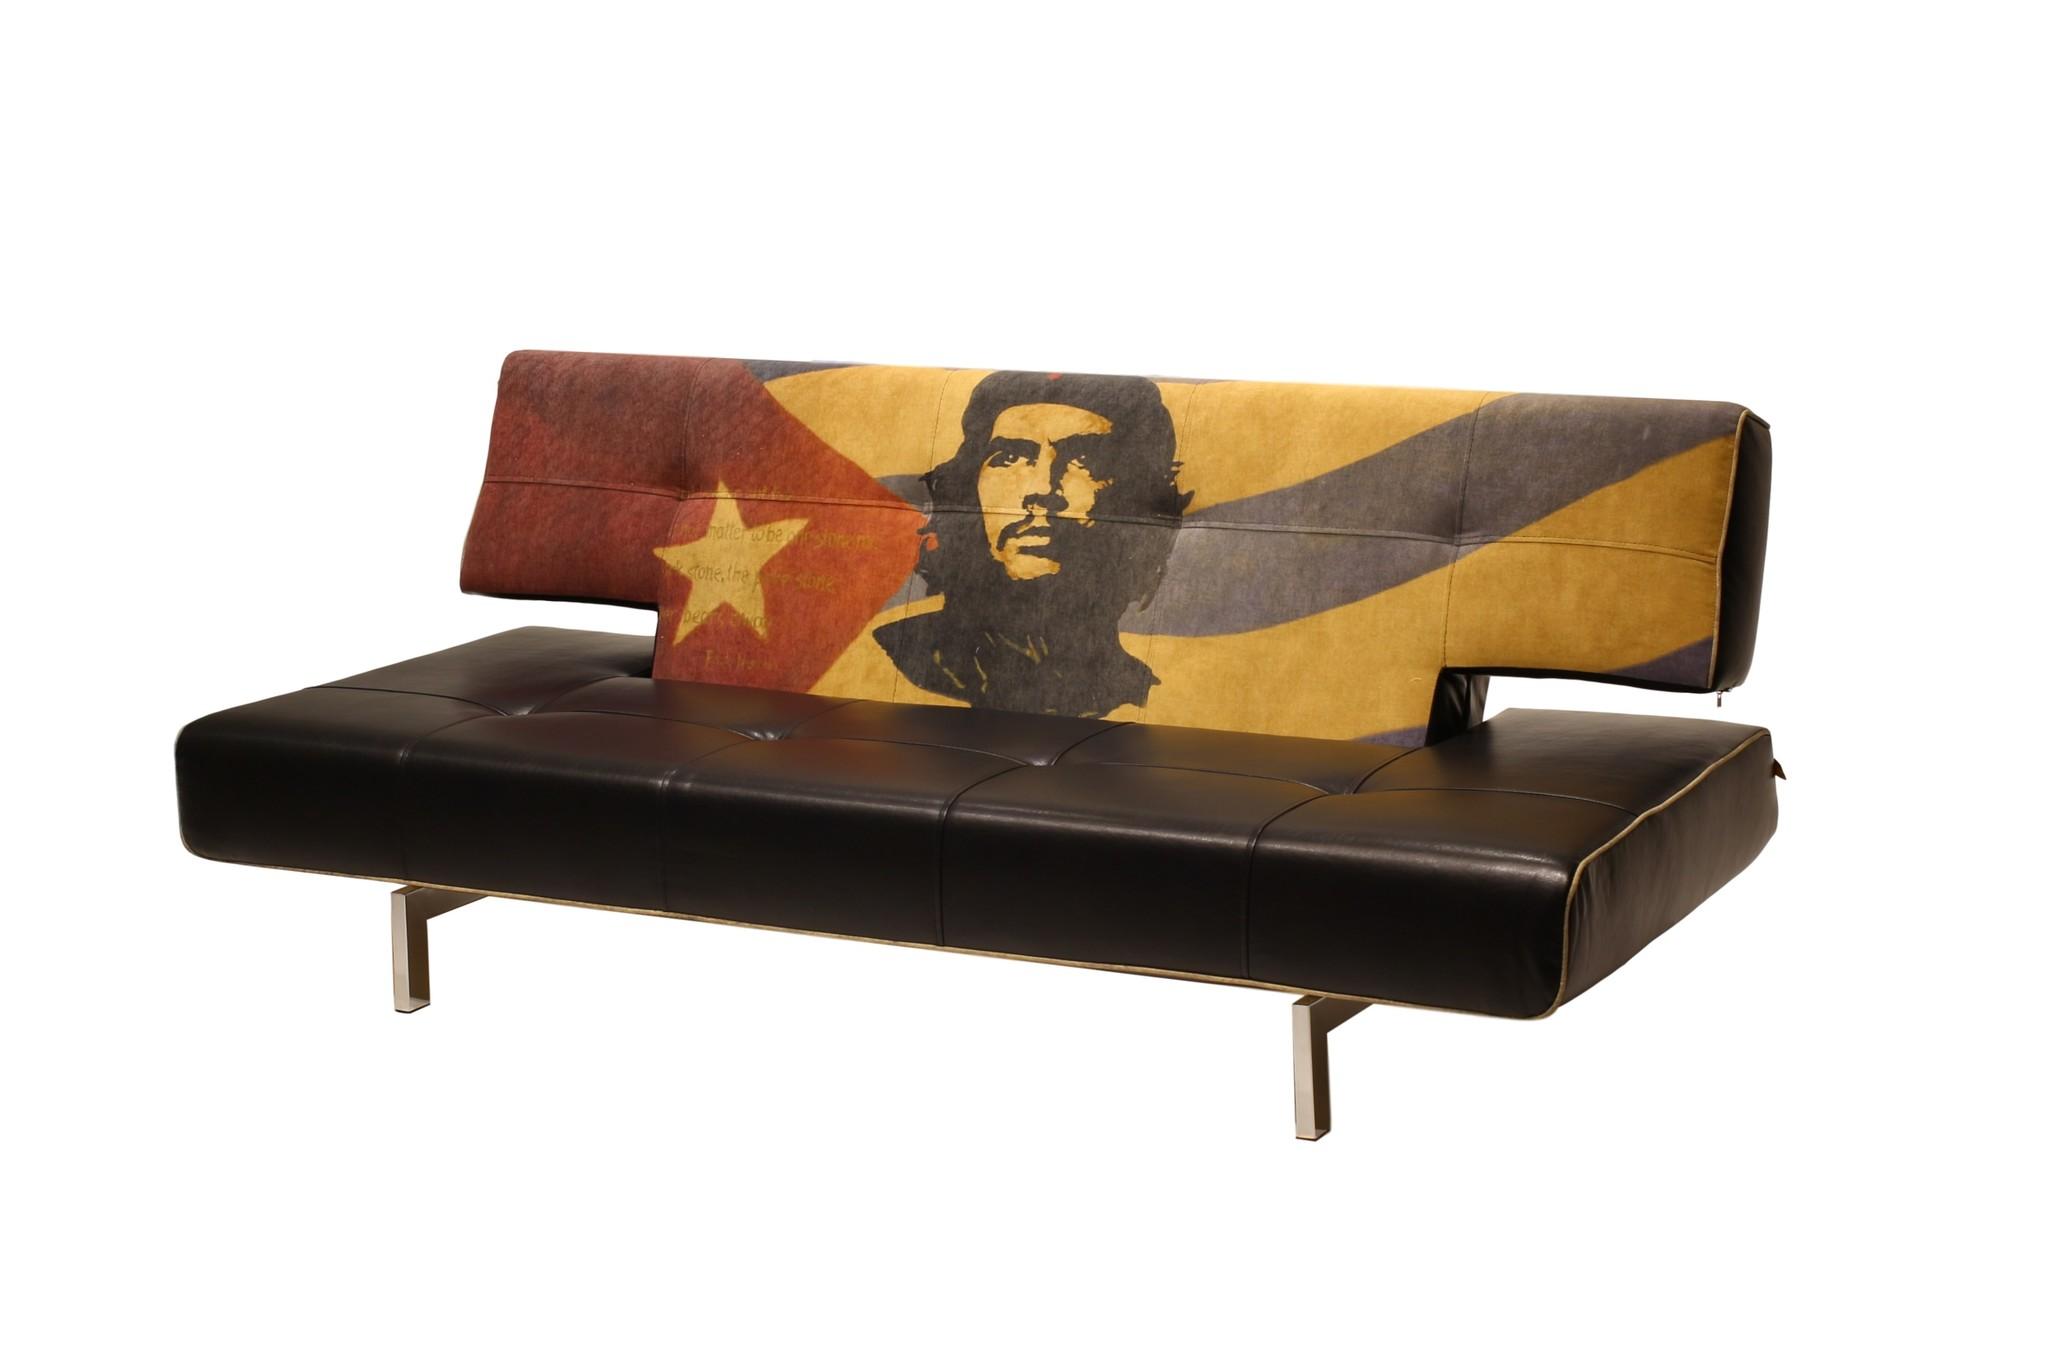 Диван StalkerКожаные диваны<br>Комфортный раскладной диван прекрасно подойдет для стильной гостиной комнаты. Разнообразные материалы, а также возможность поучаствовать в разработке дизайна в виде «принта», повышают привлекательность этой модели.&amp;amp;nbsp;&amp;lt;div&amp;gt;&amp;lt;br&amp;gt;&amp;lt;/div&amp;gt;&amp;lt;div&amp;gt;Диван раскладной, механизм «клик-кляк», имеются колеса для удобного перемещения.&amp;amp;nbsp;&amp;lt;/div&amp;gt;&amp;lt;div&amp;gt;Материал: экокожа, ткань, металлокаркас, ППУ.&amp;amp;nbsp;&amp;lt;/div&amp;gt;&amp;lt;div&amp;gt;Возможно исполнение в другом цвете.&amp;amp;nbsp;&amp;lt;/div&amp;gt;&amp;lt;div&amp;gt;Возможно нанесение любого «принта», в том числе вашего.&amp;amp;nbsp;&amp;lt;/div&amp;gt;&amp;lt;div&amp;gt;Возможно изготовление раскладного кресла.&amp;amp;nbsp;&amp;lt;/div&amp;gt;&amp;lt;div&amp;gt;Возможно изготовление с подлокотниками из кож.зам или дерево. <br>&amp;lt;/div&amp;gt;<br><br>Material: Экокожа<br>Ширина см: 215<br>Высота см: 85<br>Глубина см: 104